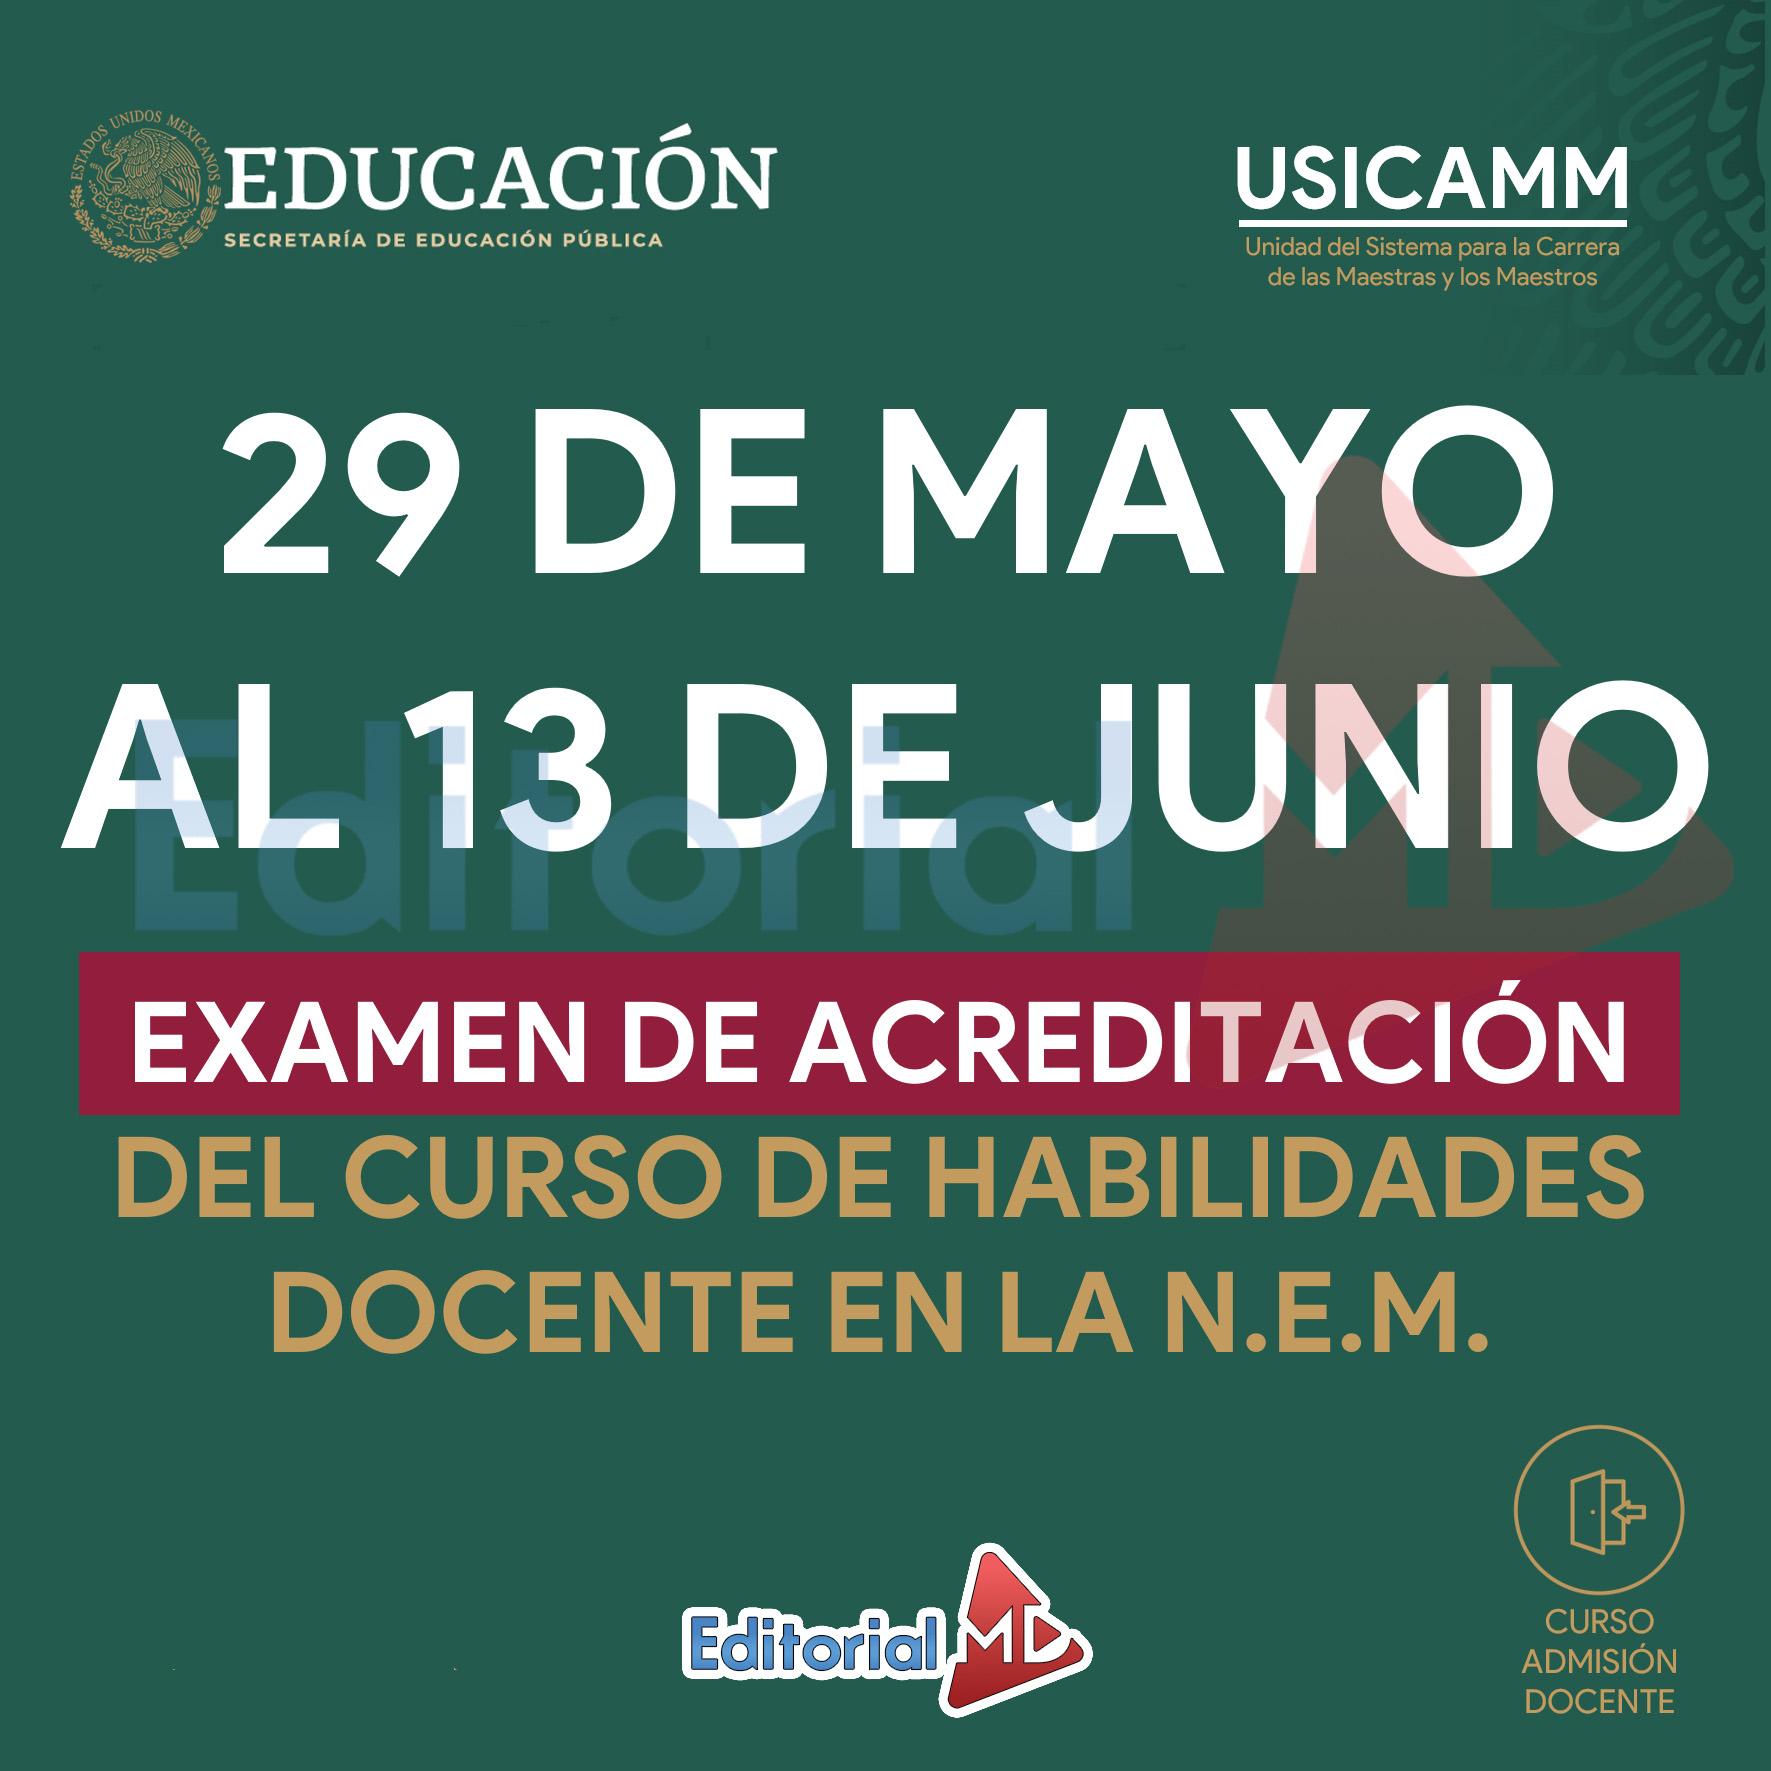 29 de Mayo al 13 De Junio (Examen de acreditación)